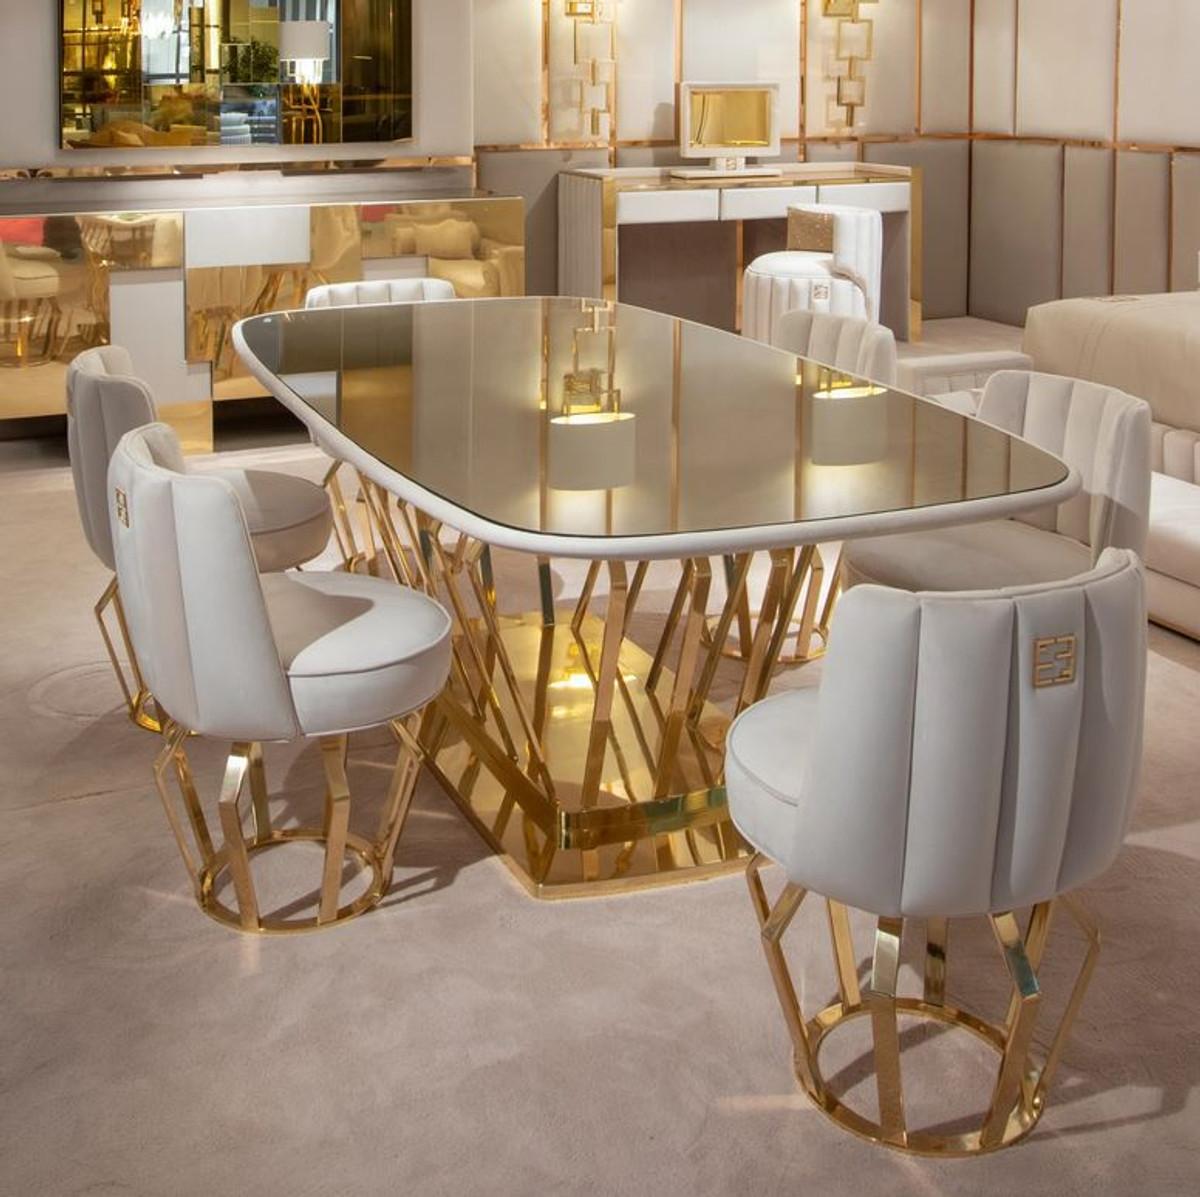 casa padrino ensemble de salle a manger design de luxe ivoire or 1 table a manger et 6 chaises de salle a manger meubles de salle a manger